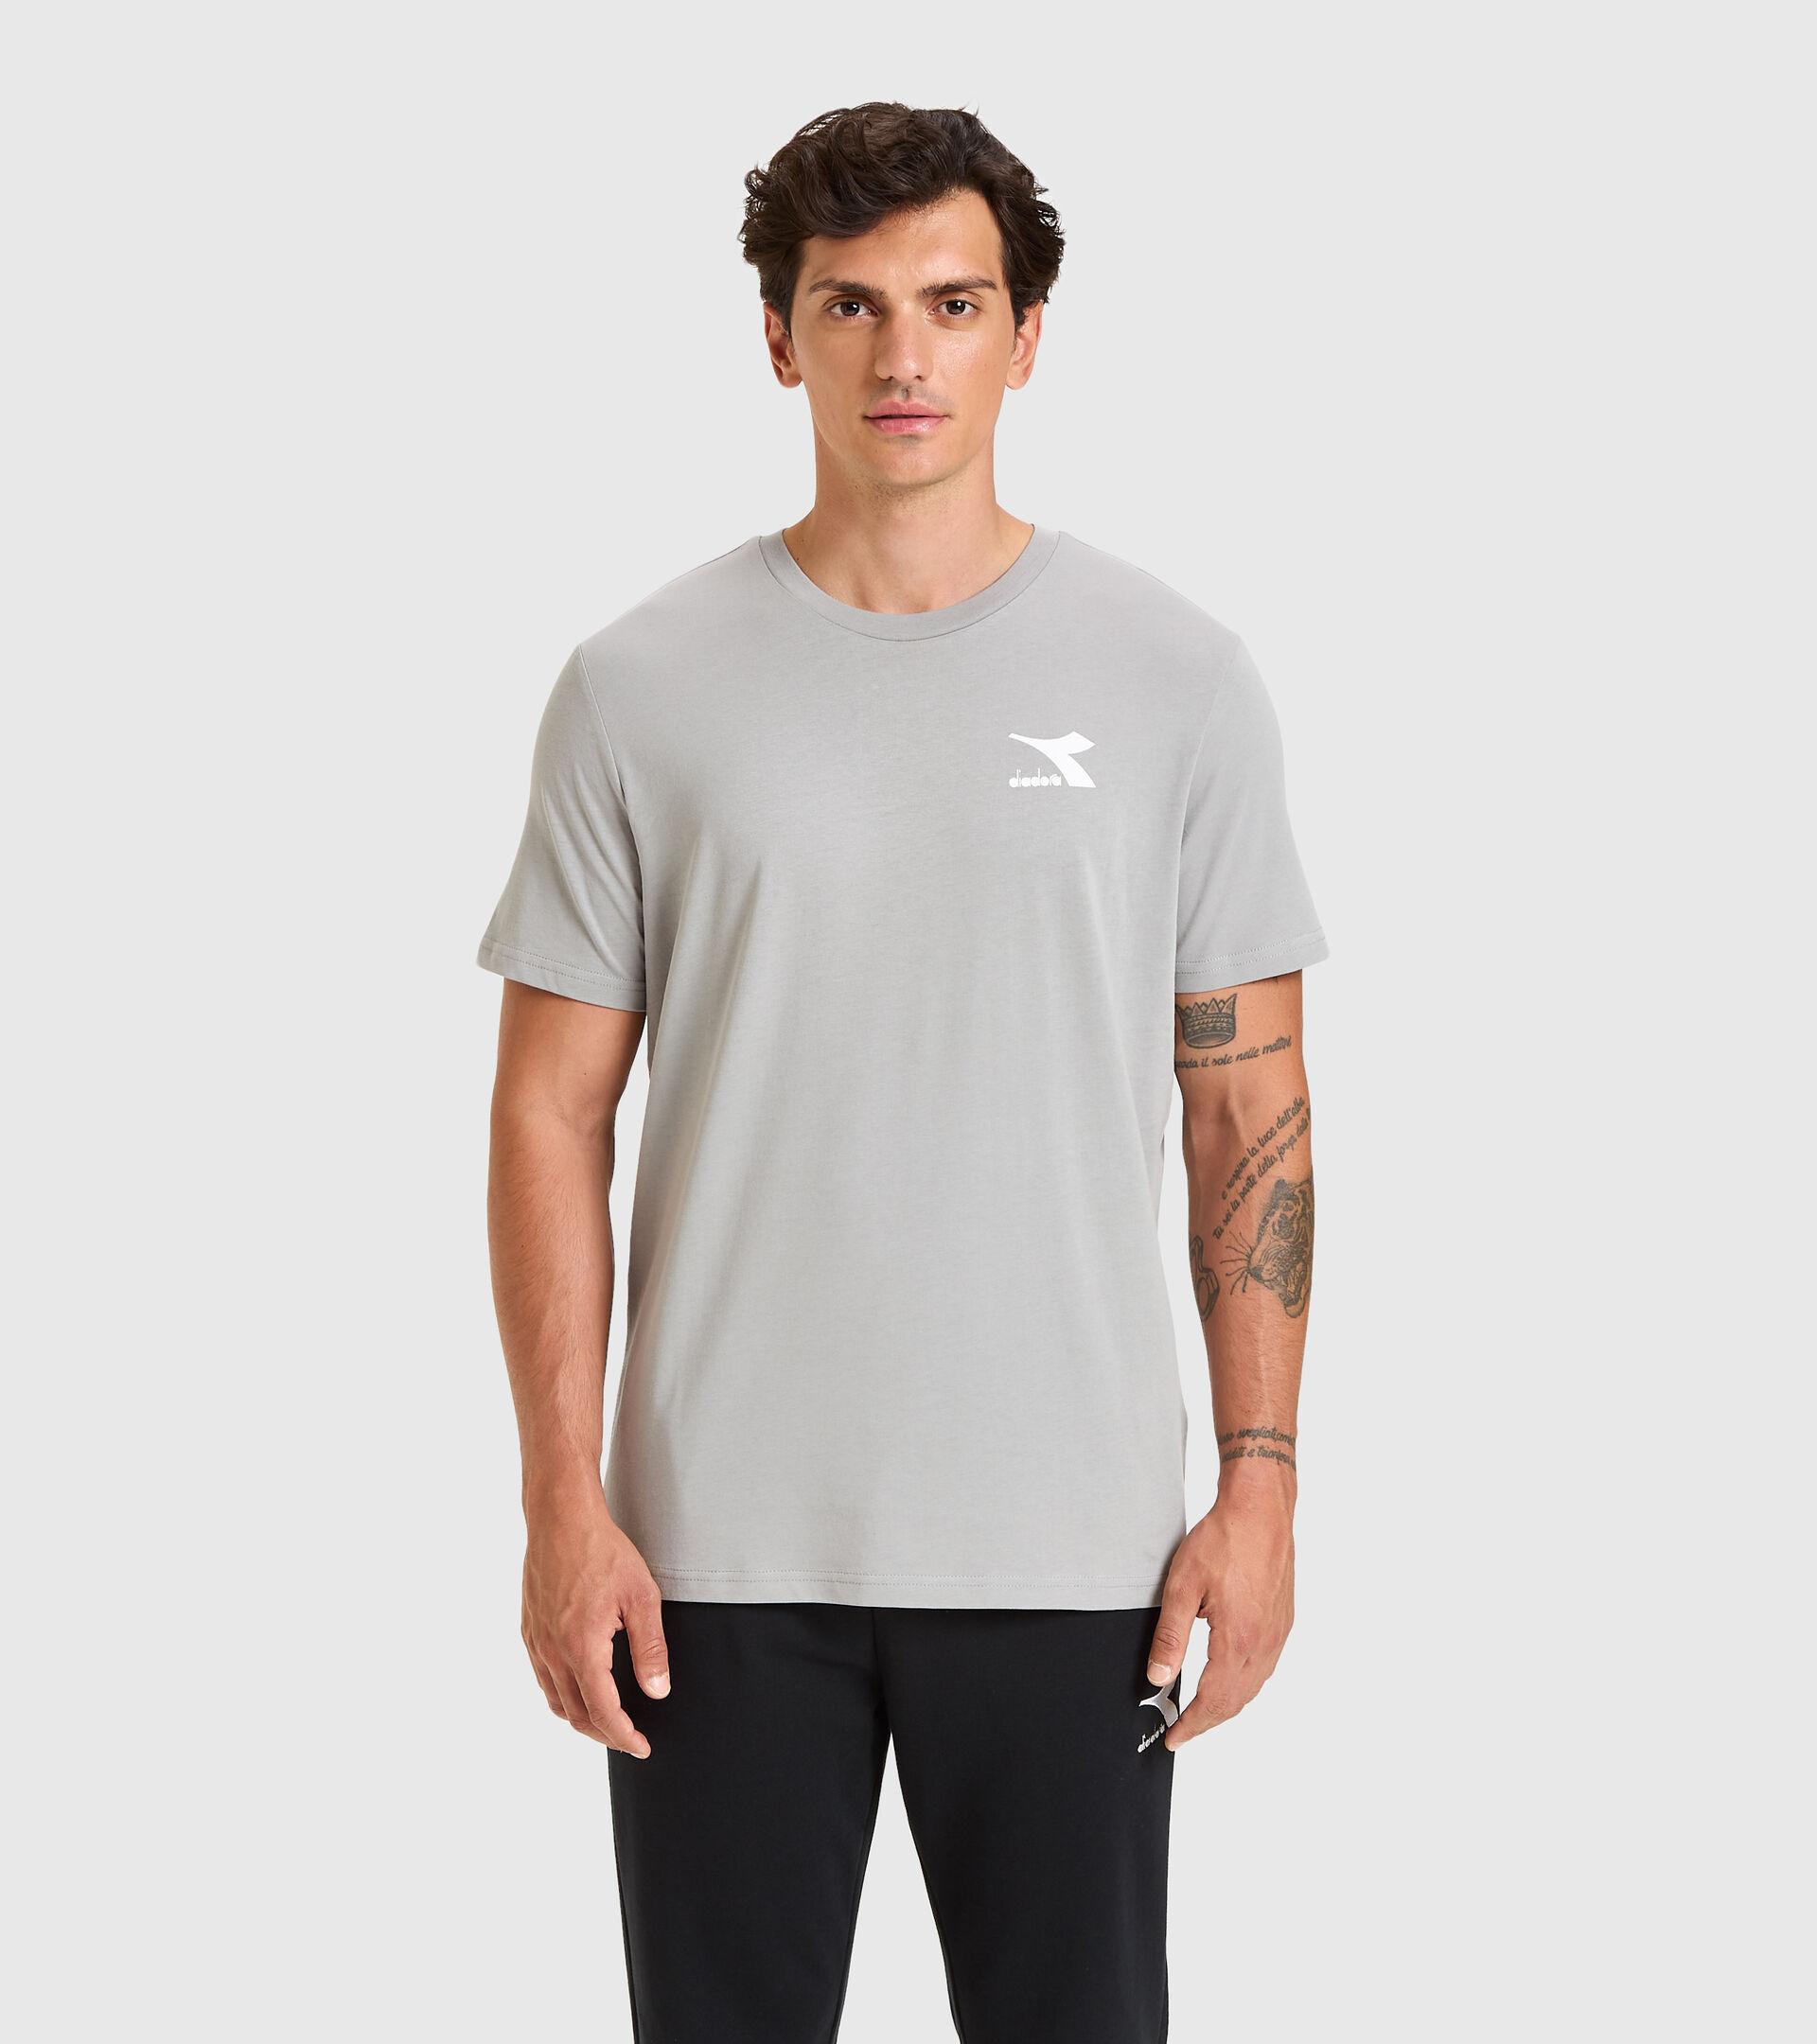 T-Shirt - Herren T-SHIRT SS CHROMIA GREIF - Diadora